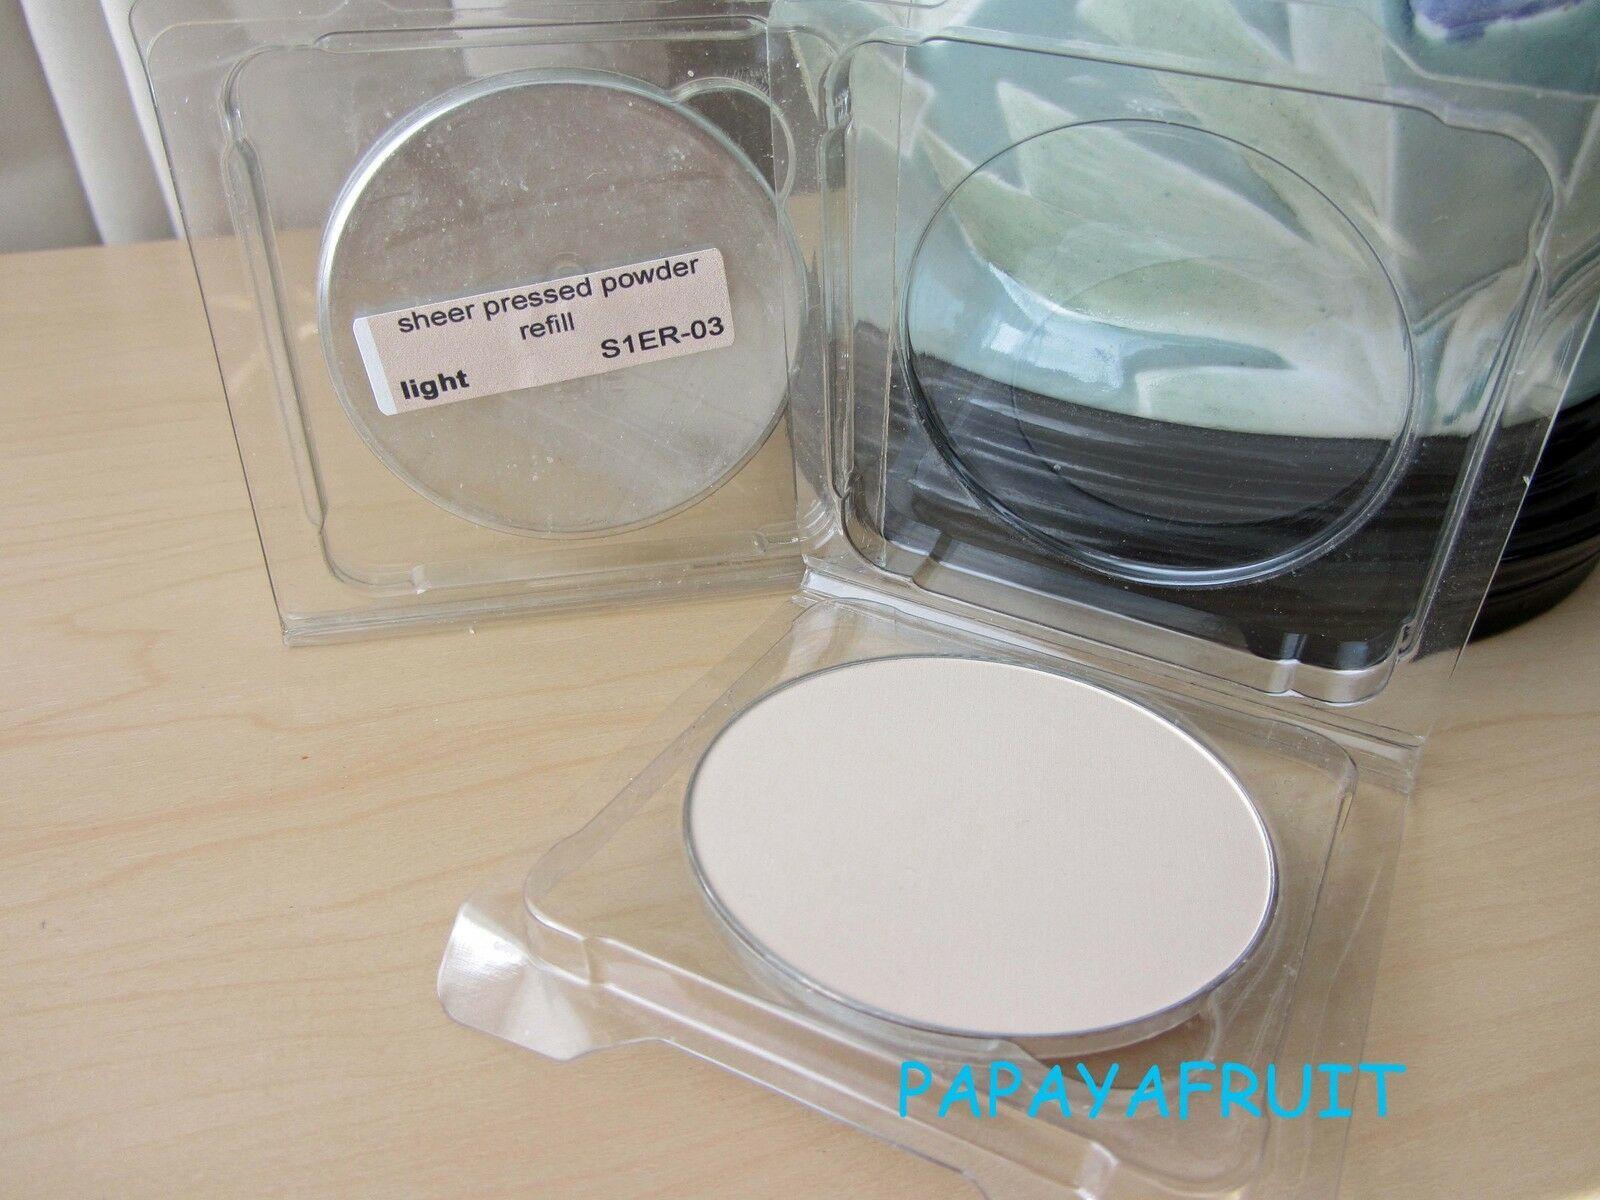 New Stila Sheer Pressed Powder Refill in ~LIGHT~ - $9.89